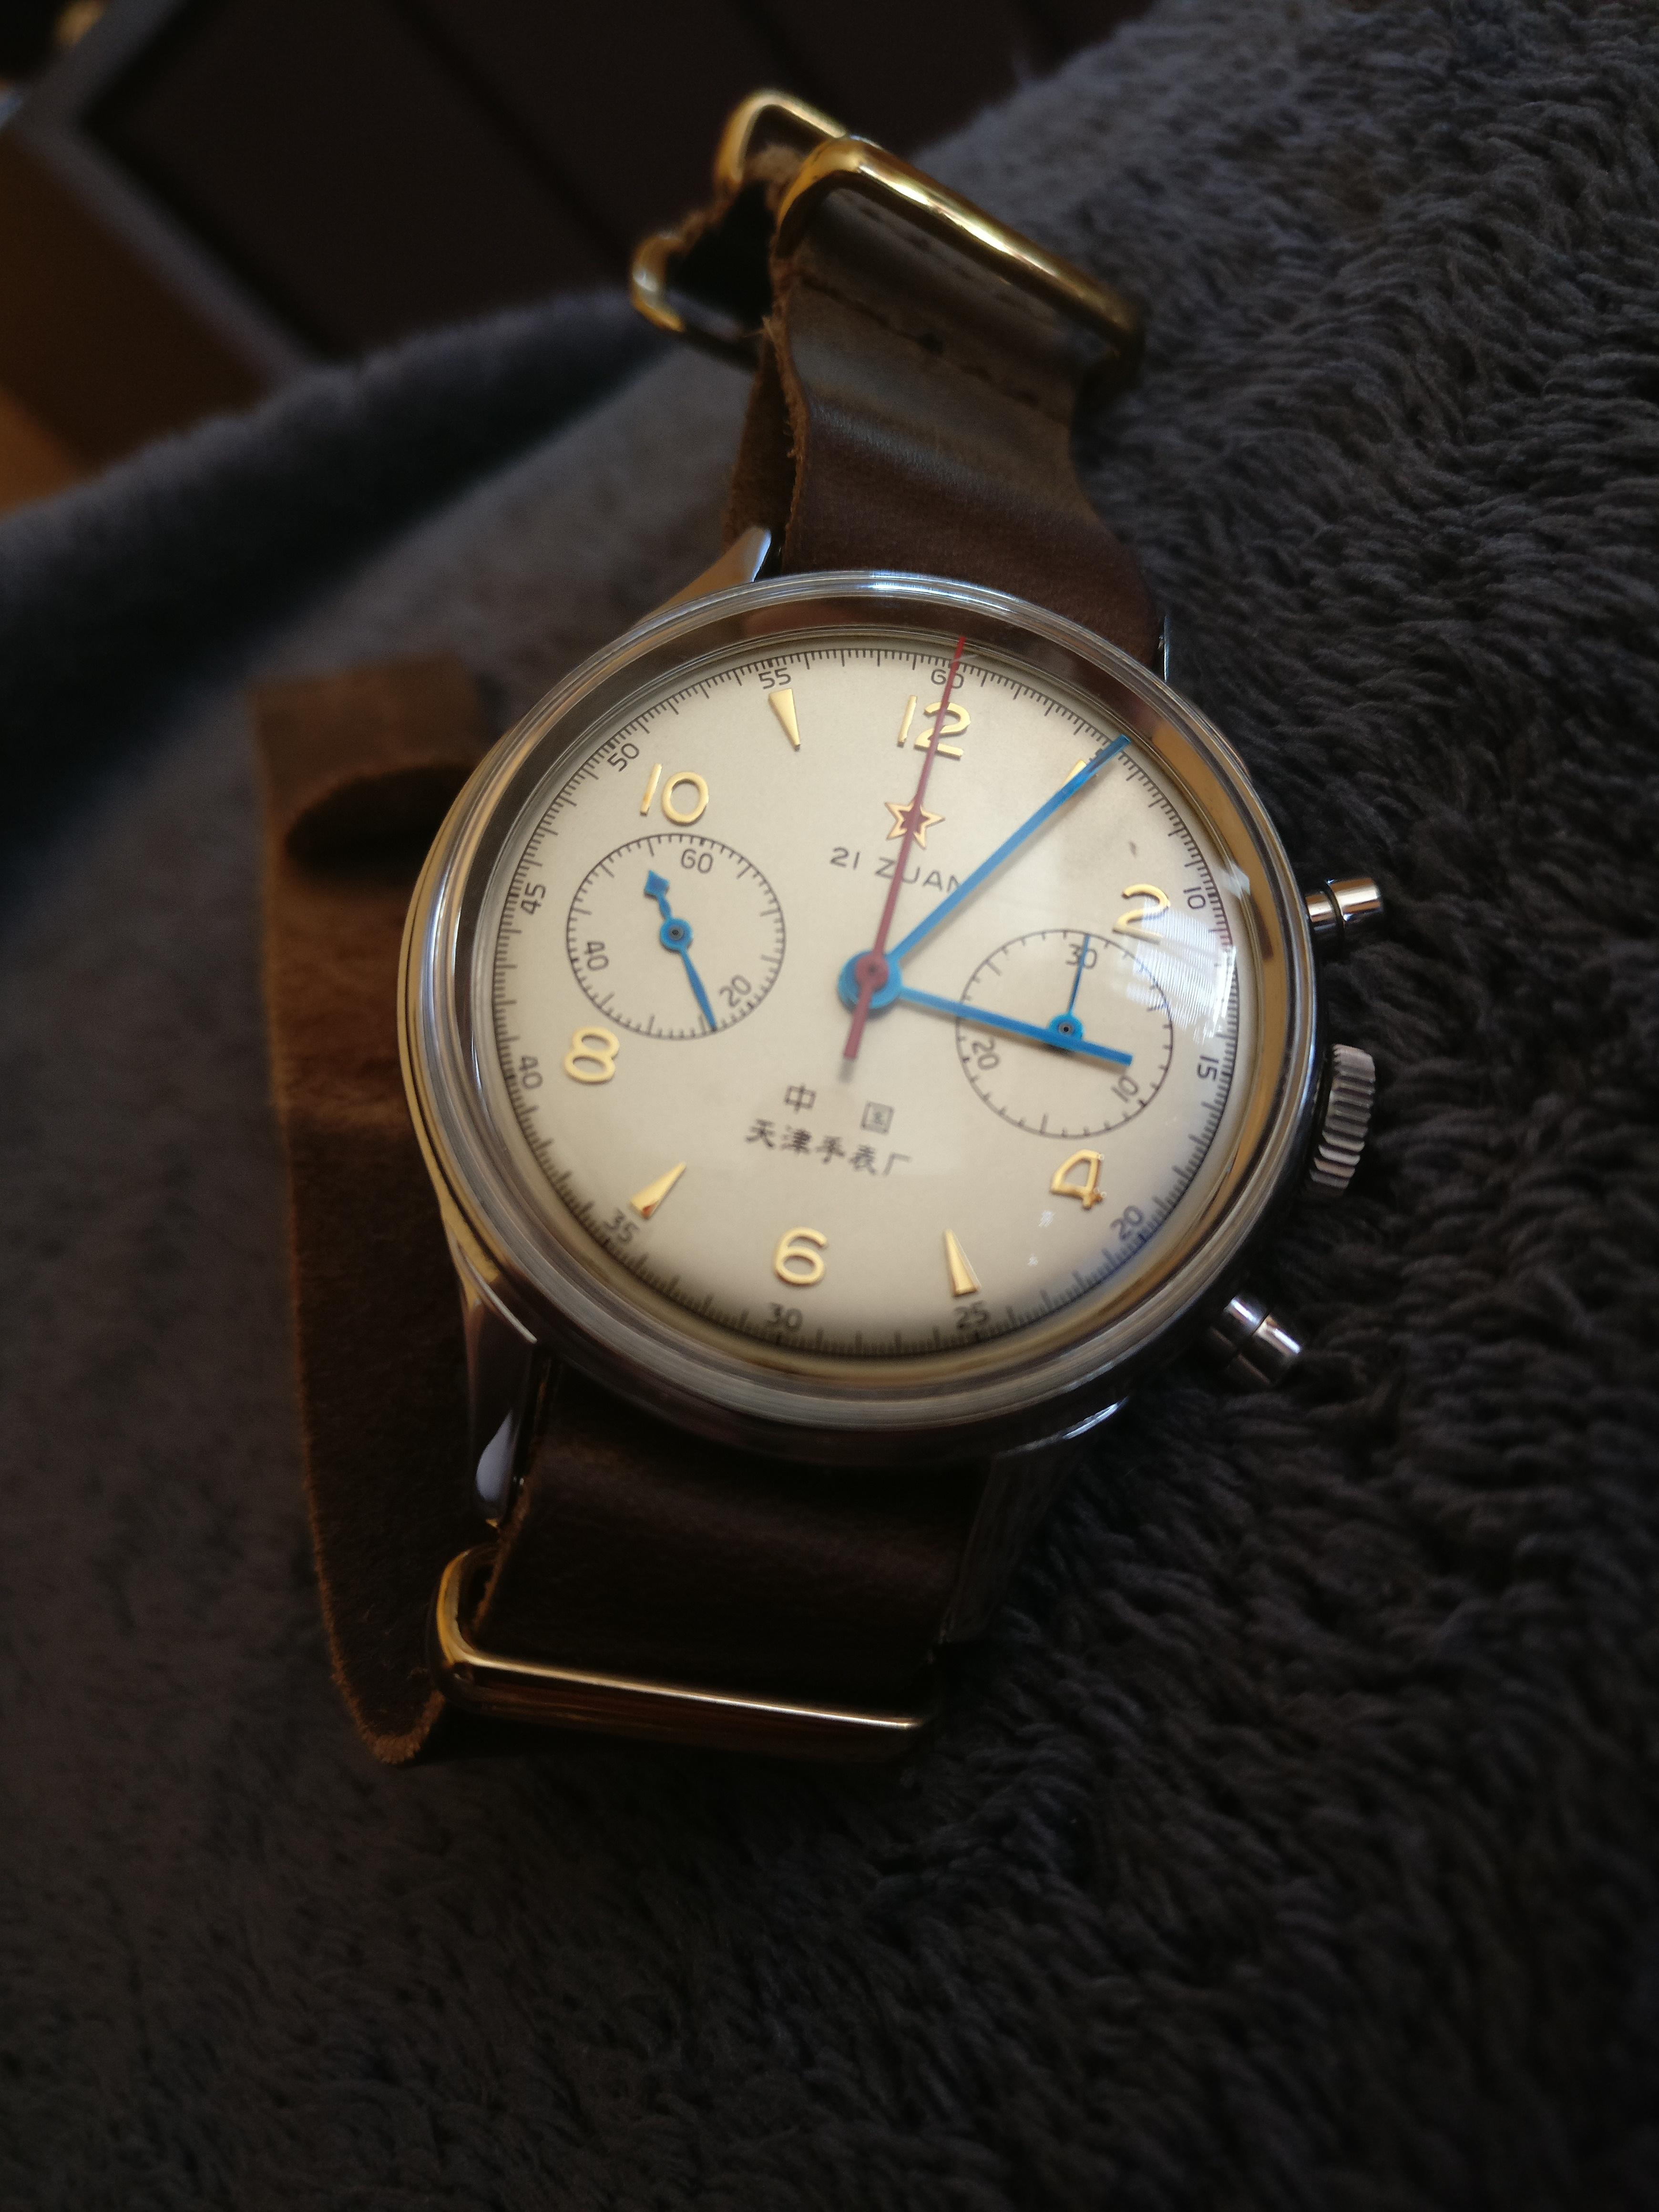 Une montre marine pour 400€ ? 1471180217-img-20160814-150618